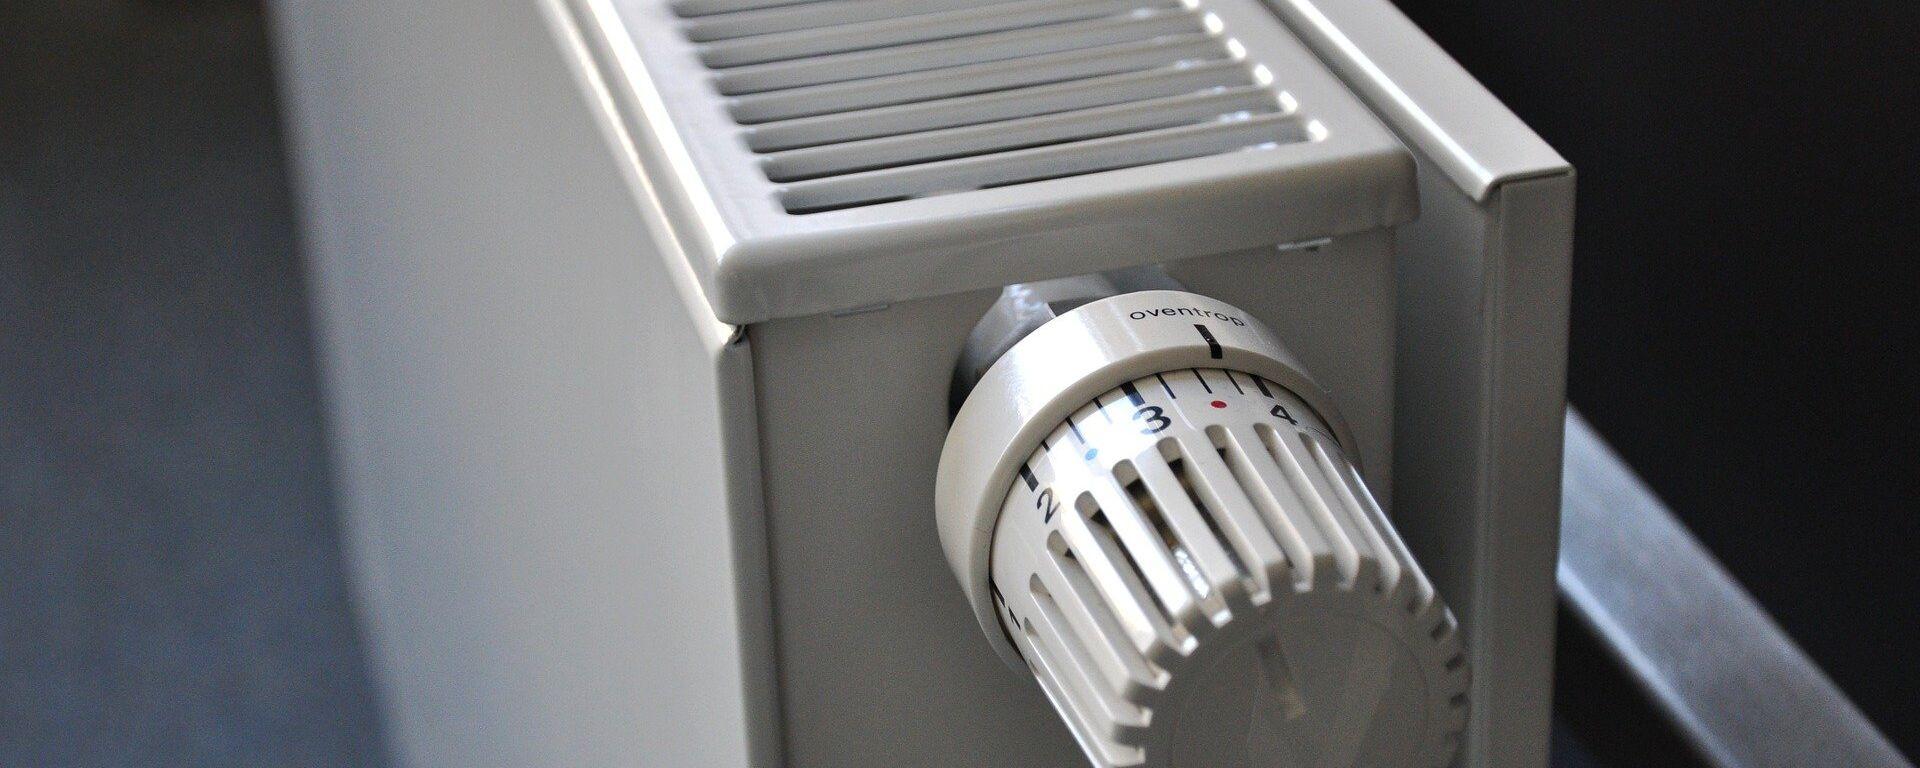 Радиатор отопления - Sputnik Латвия, 1920, 07.10.2021